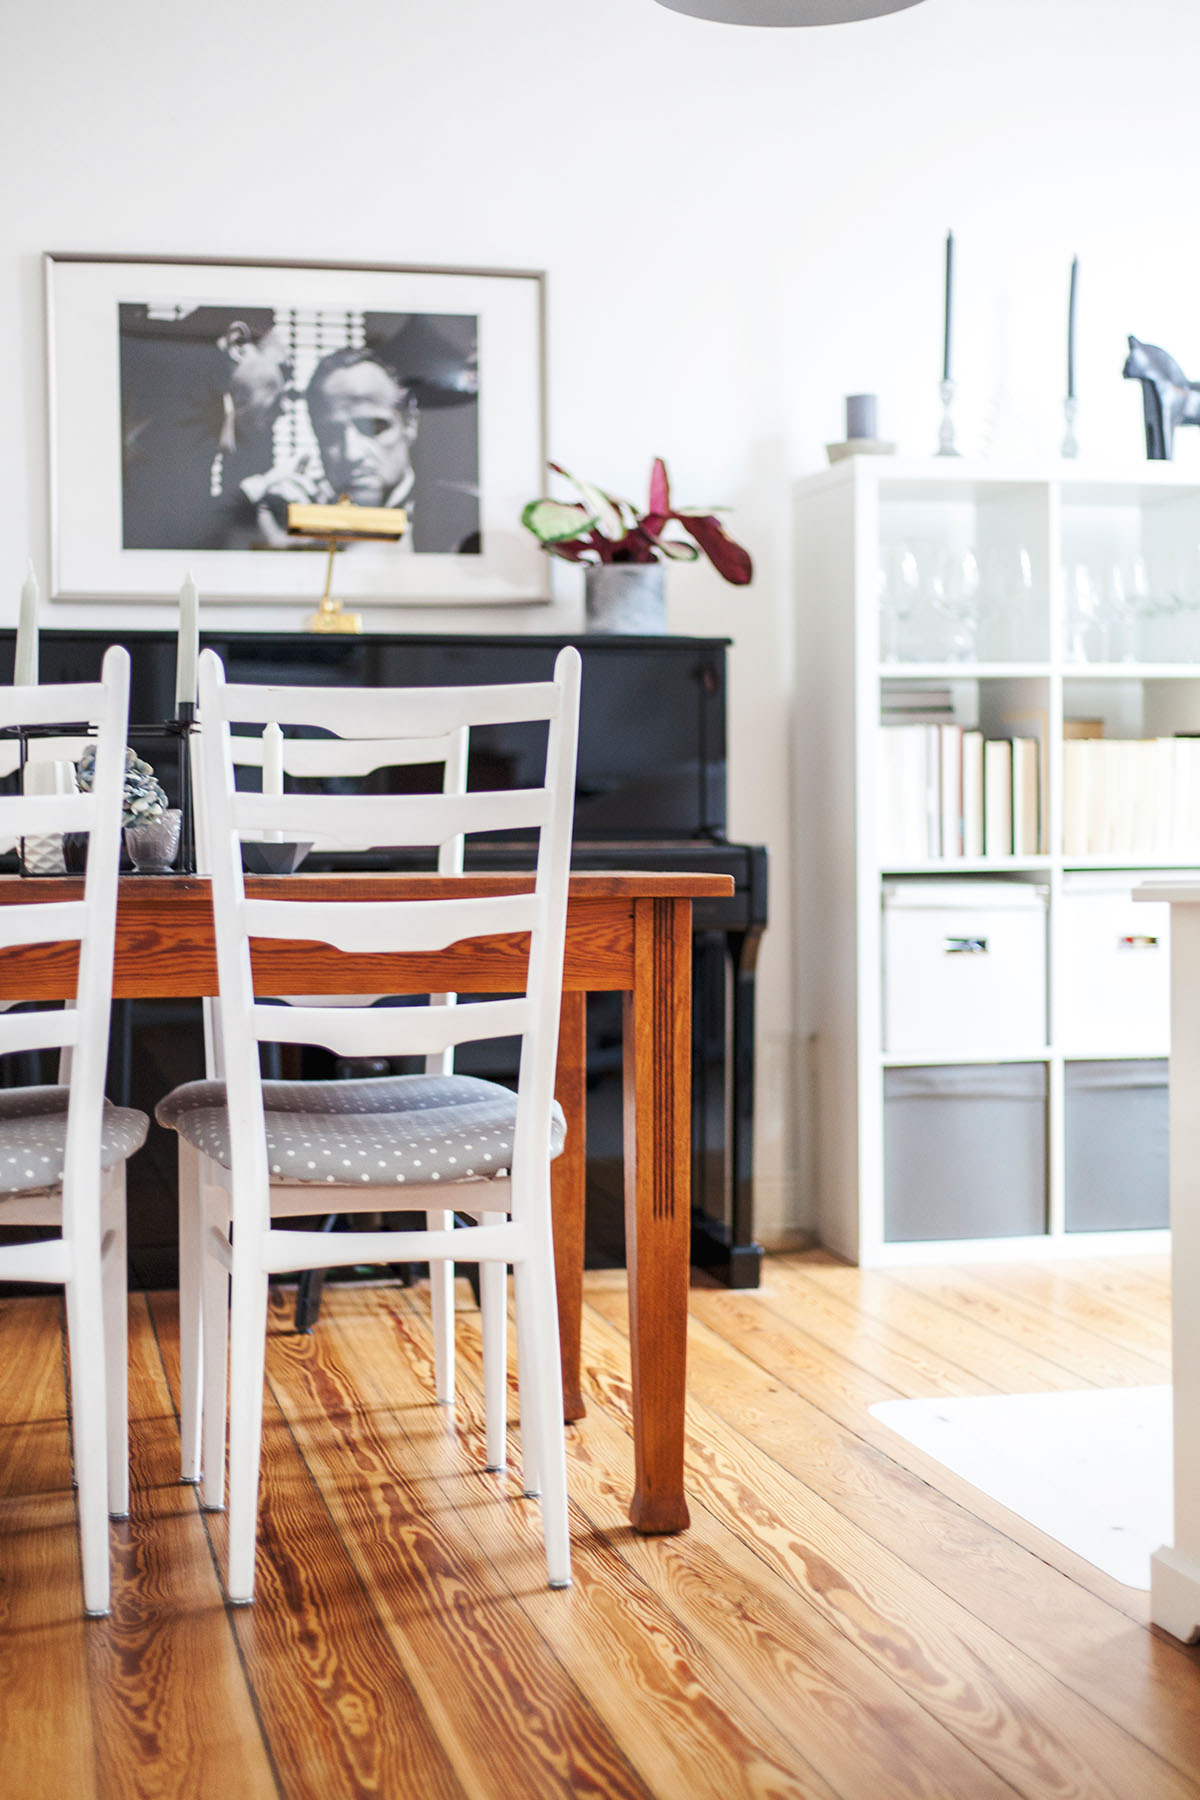 homestory svea kiel skandinavisch hygge wohnen einrichtung22 f rde fr ulein. Black Bedroom Furniture Sets. Home Design Ideas